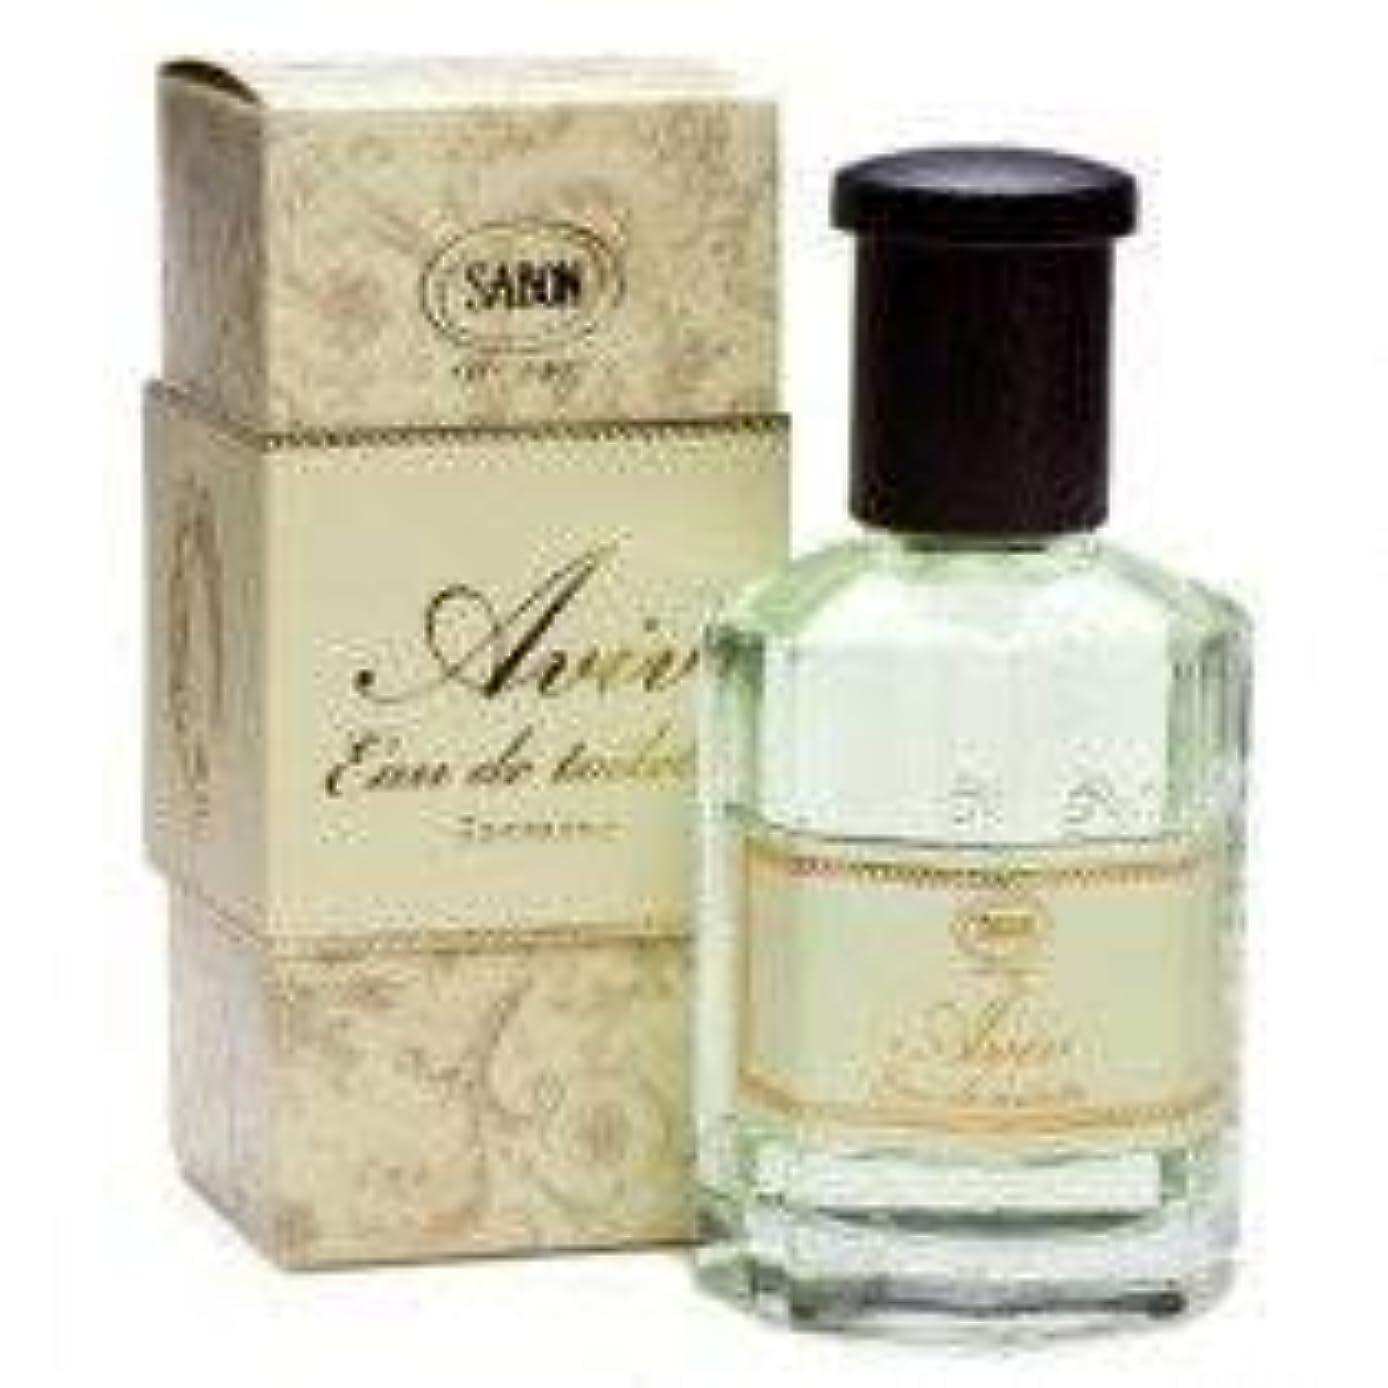 統治する落ちた混合SABON Daily Perfume デイリーパフューム 香水【AVIV: Jasmine ジャスミン】 イスラエル発 並行輸入品 海外直送 [並行輸入品]